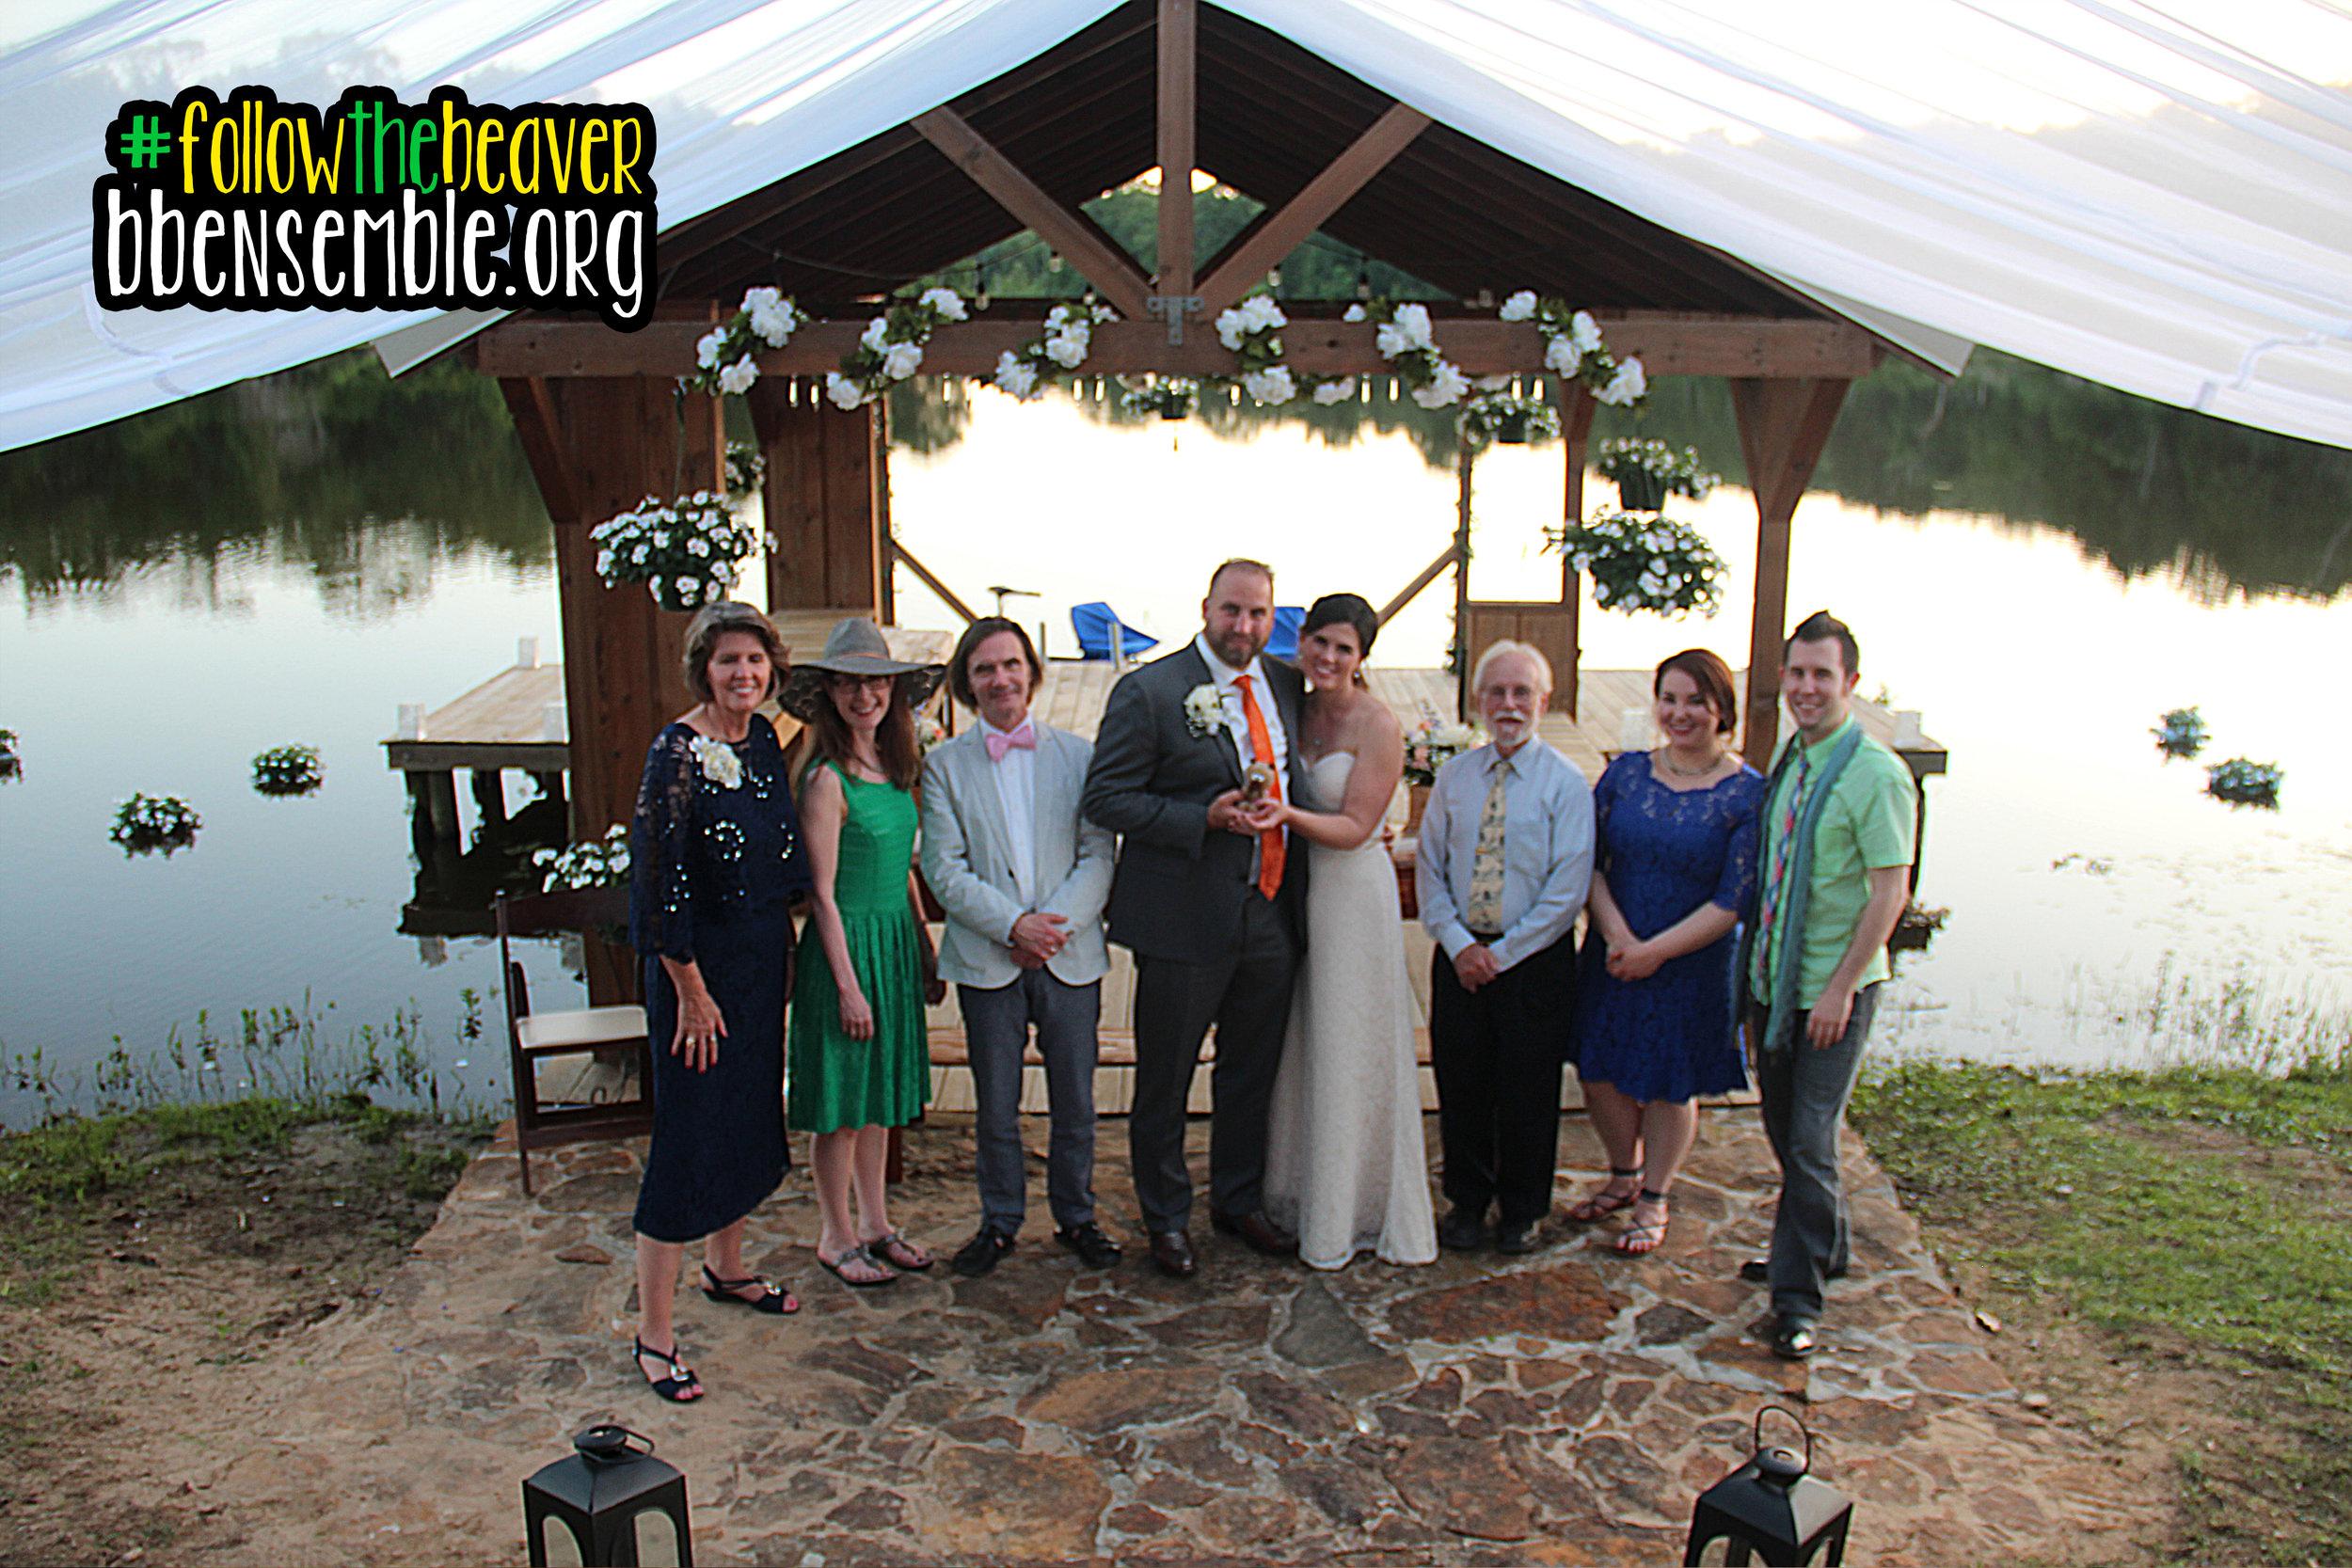 follow_wedding2.JPG